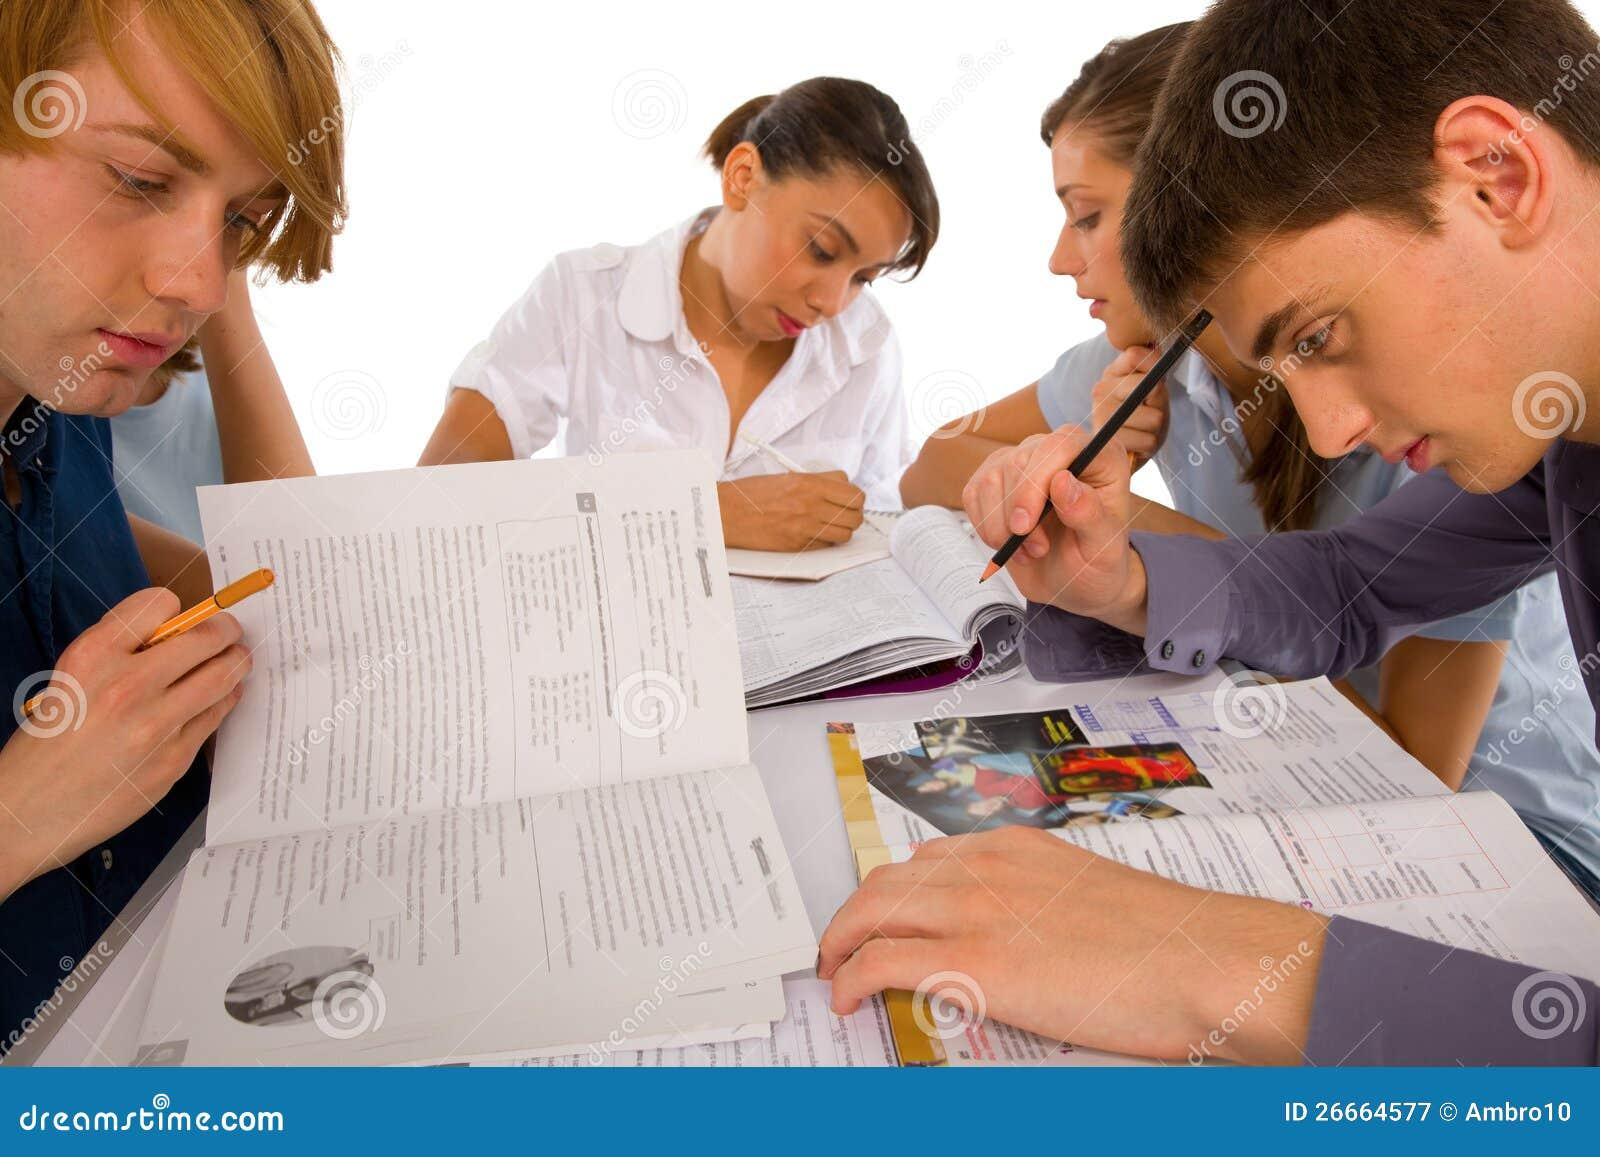 Adolescentes que estudian junto